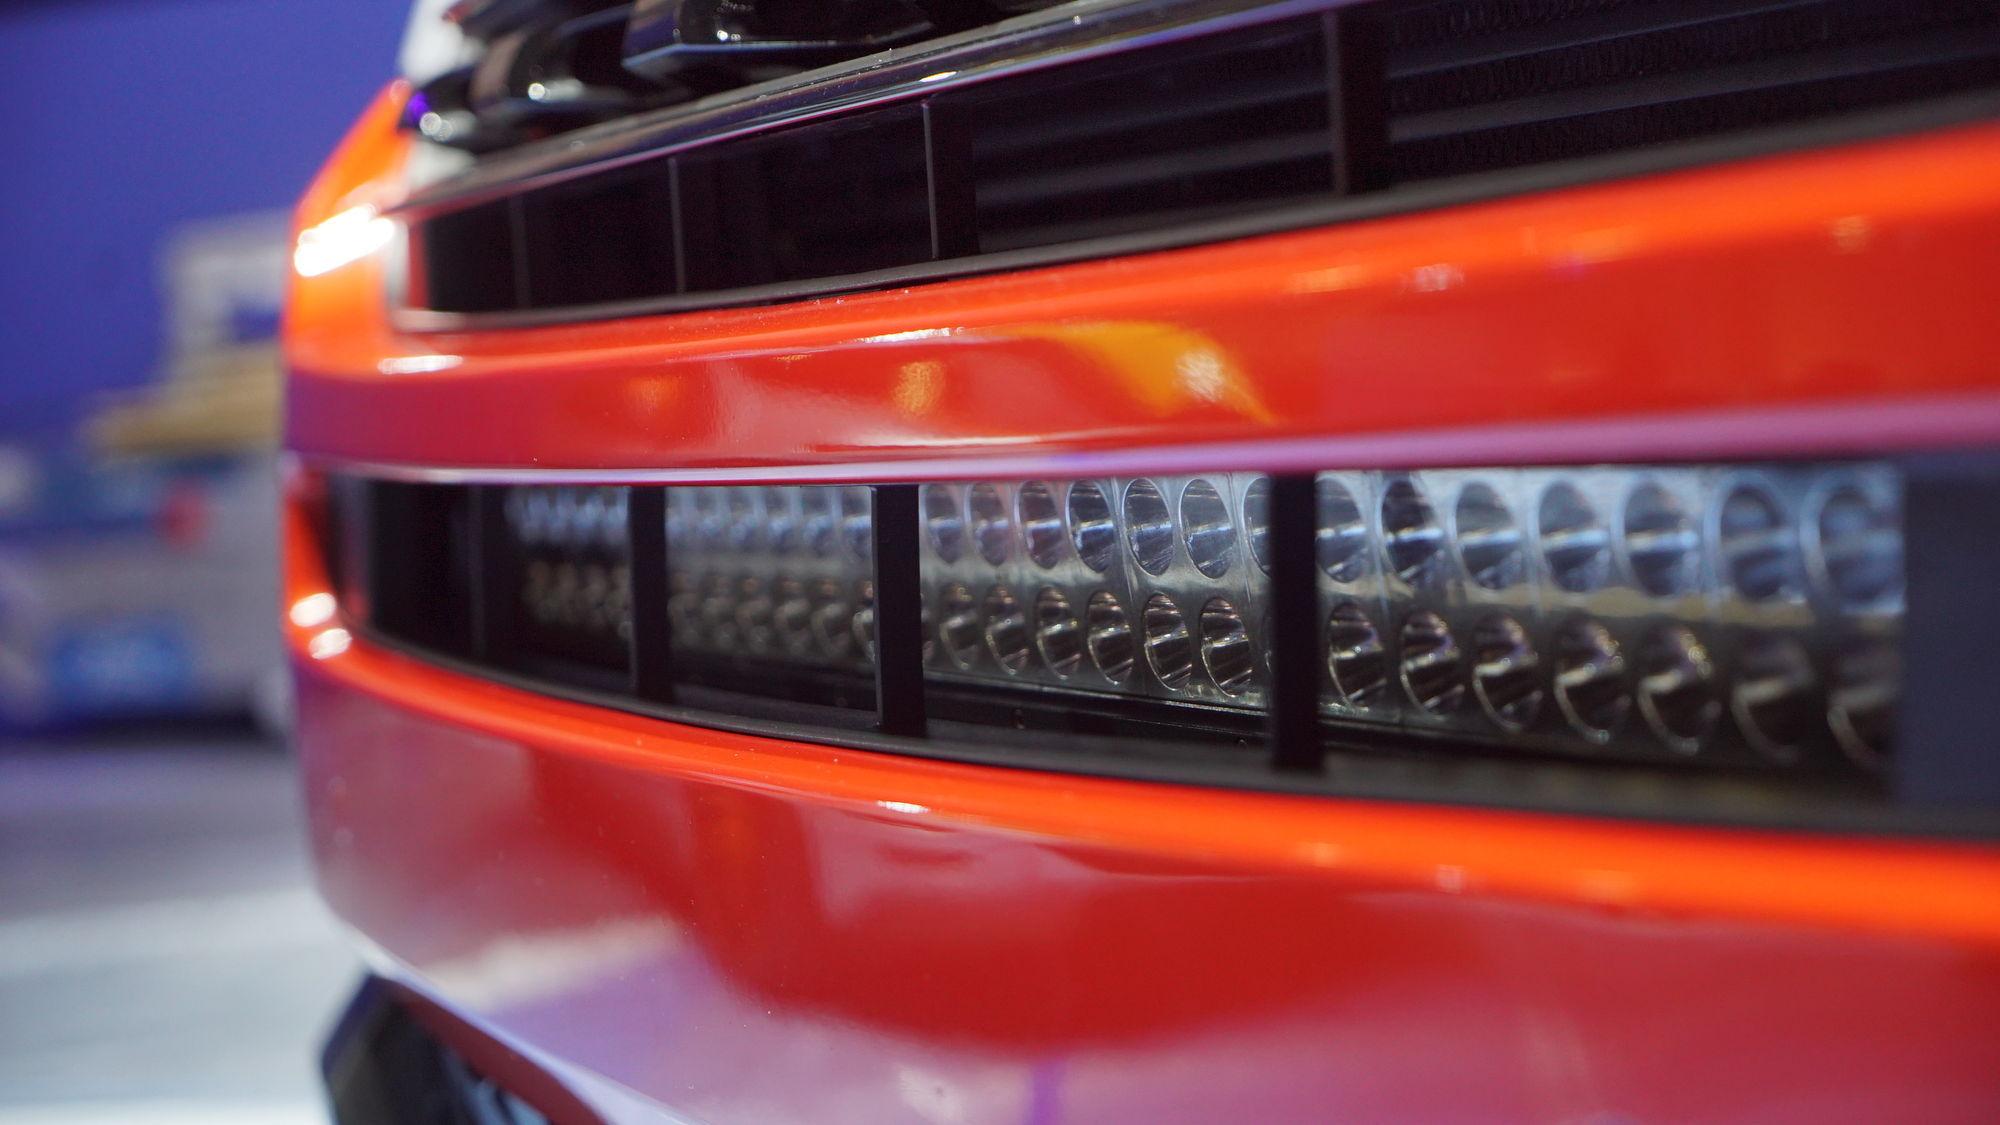 2015 Ford Explorer Sport | '15 Ford Explorer Sport by All Star Performance - Light Bar